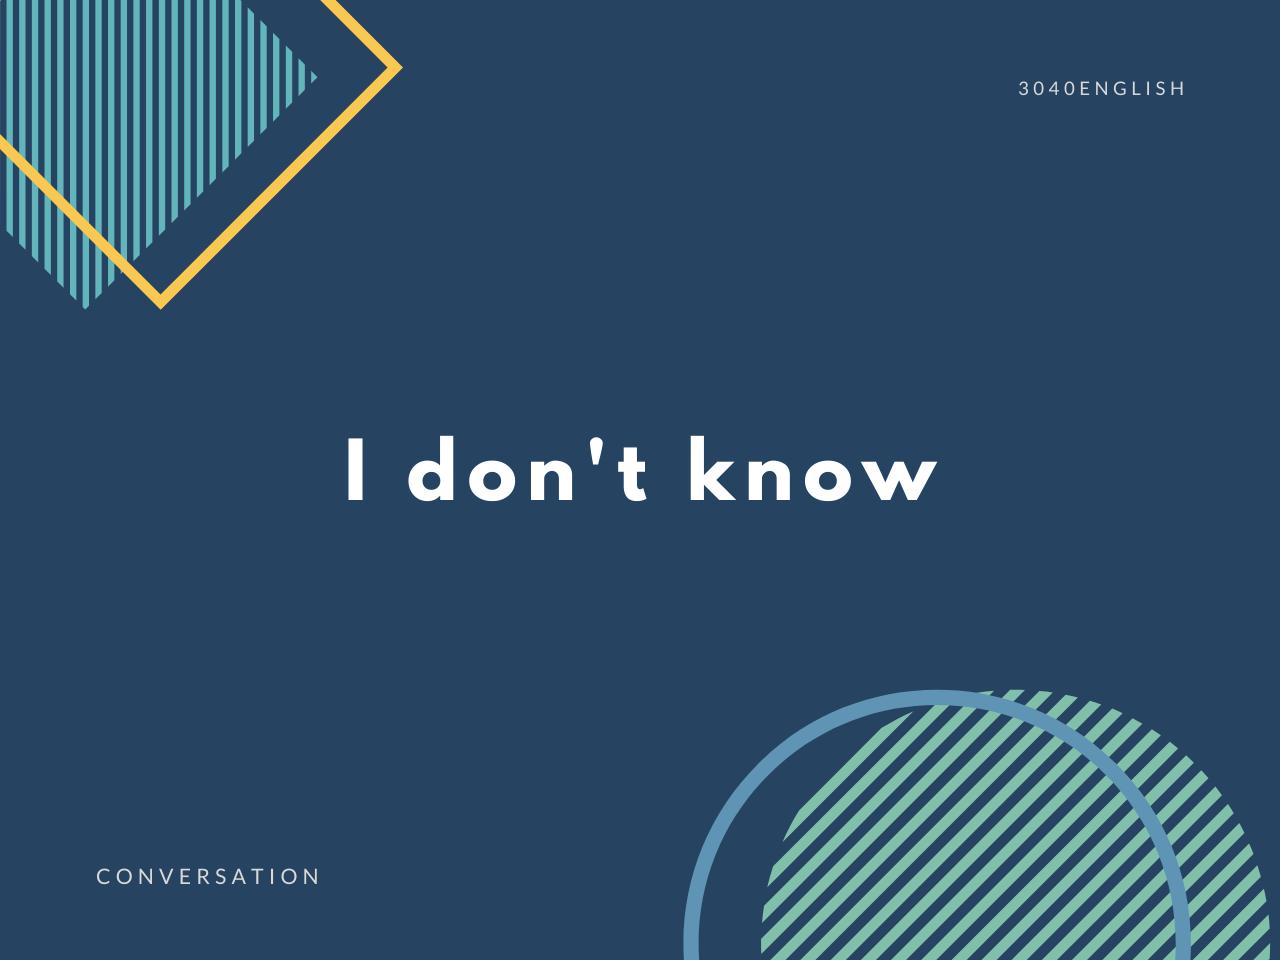 「わからない」の英語表現5選【英会話用例文あり】